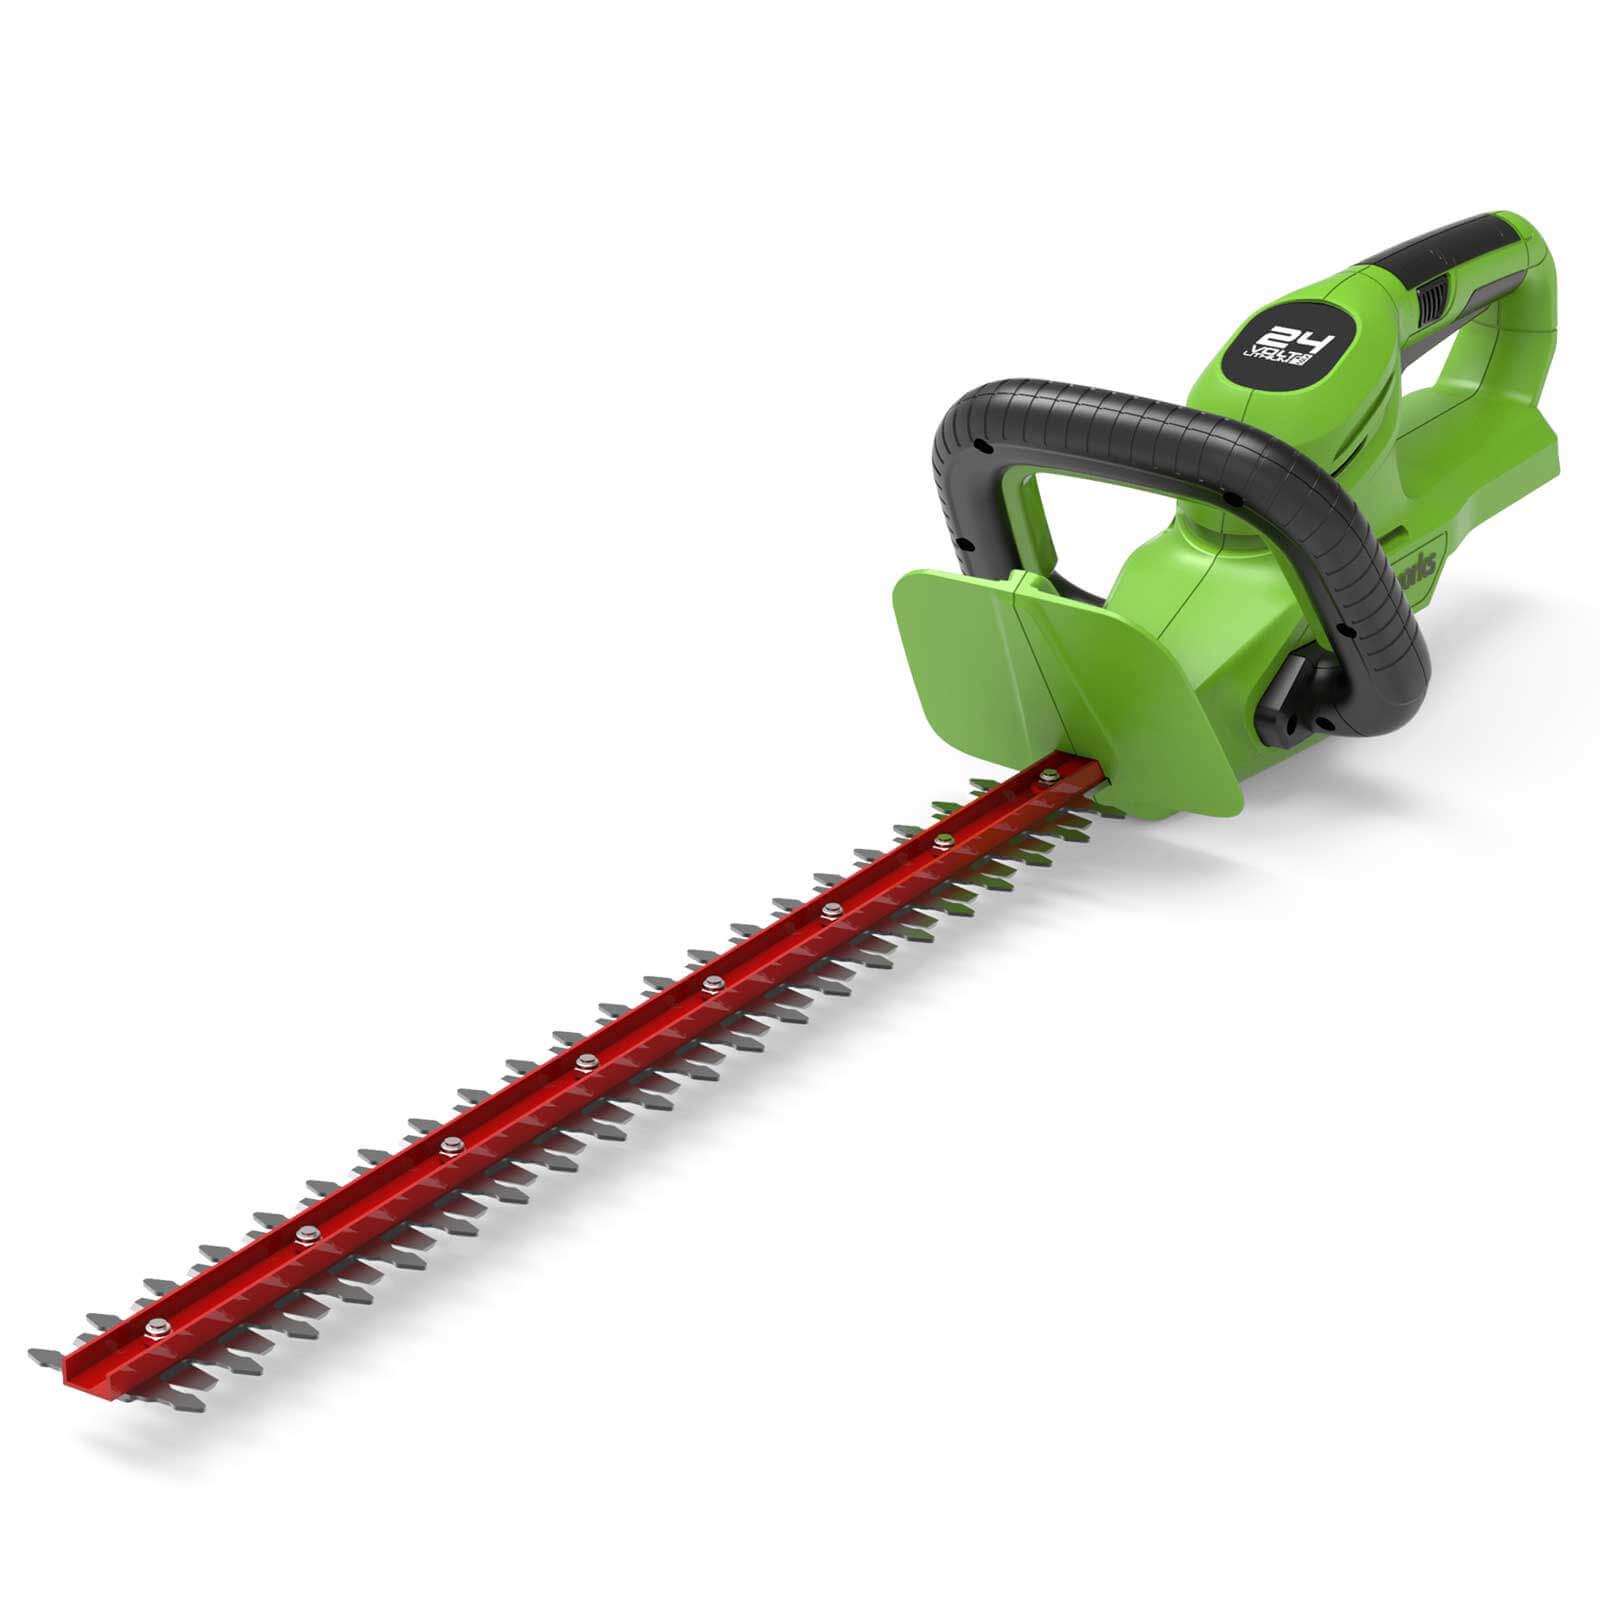 Greenworks G24HT56 24v Cordless Hedge Trimmer 560mm No Batteries No Charger